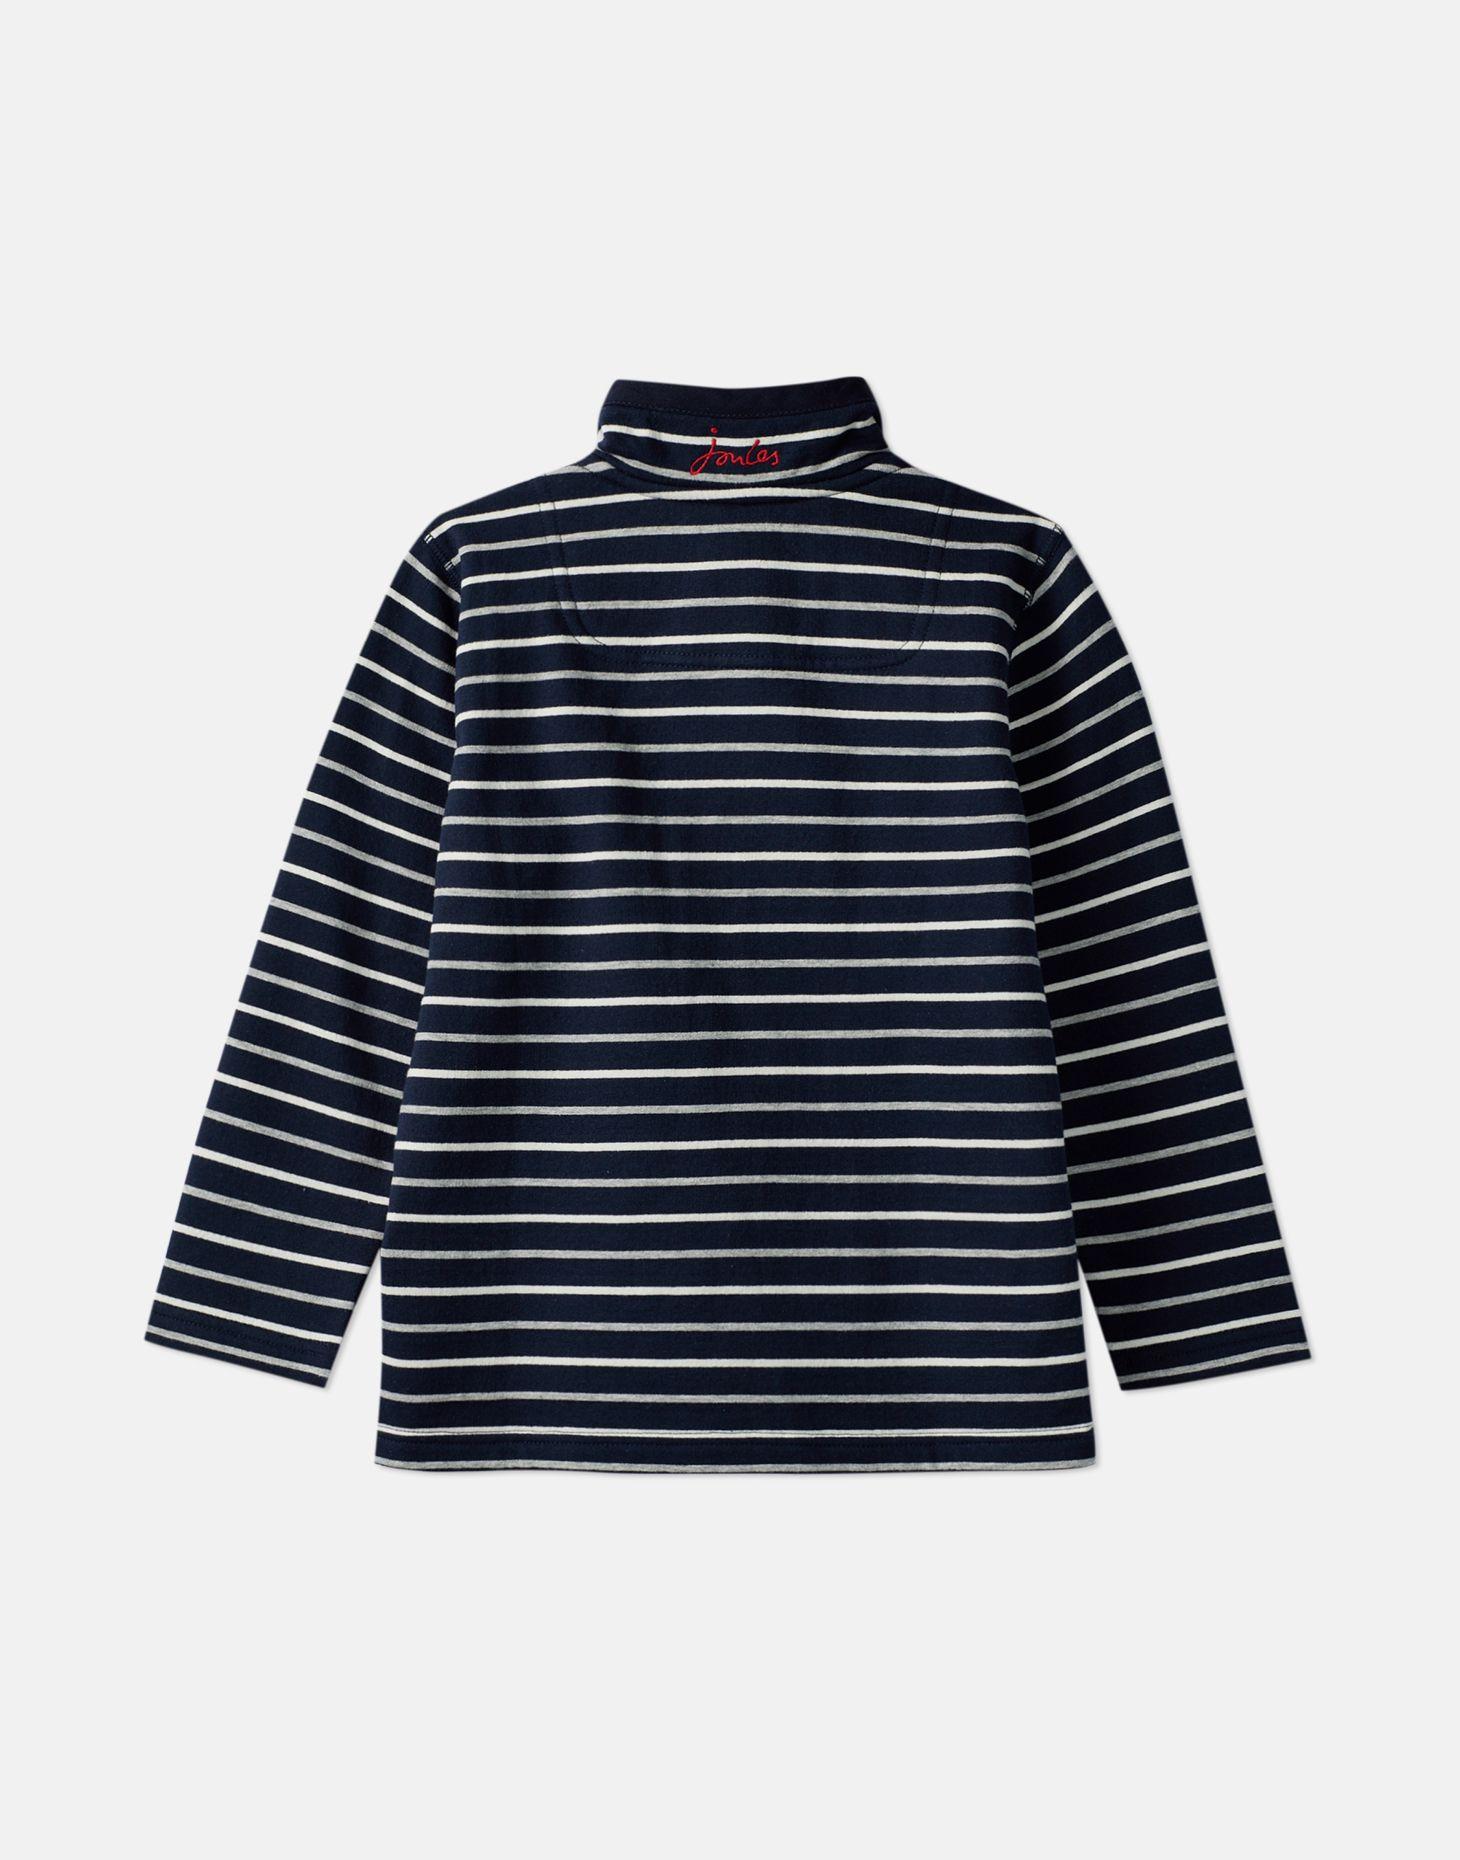 Grey Marl Stripe Ages 5-10 years Joules Boys Dale half zip Sweatshirt